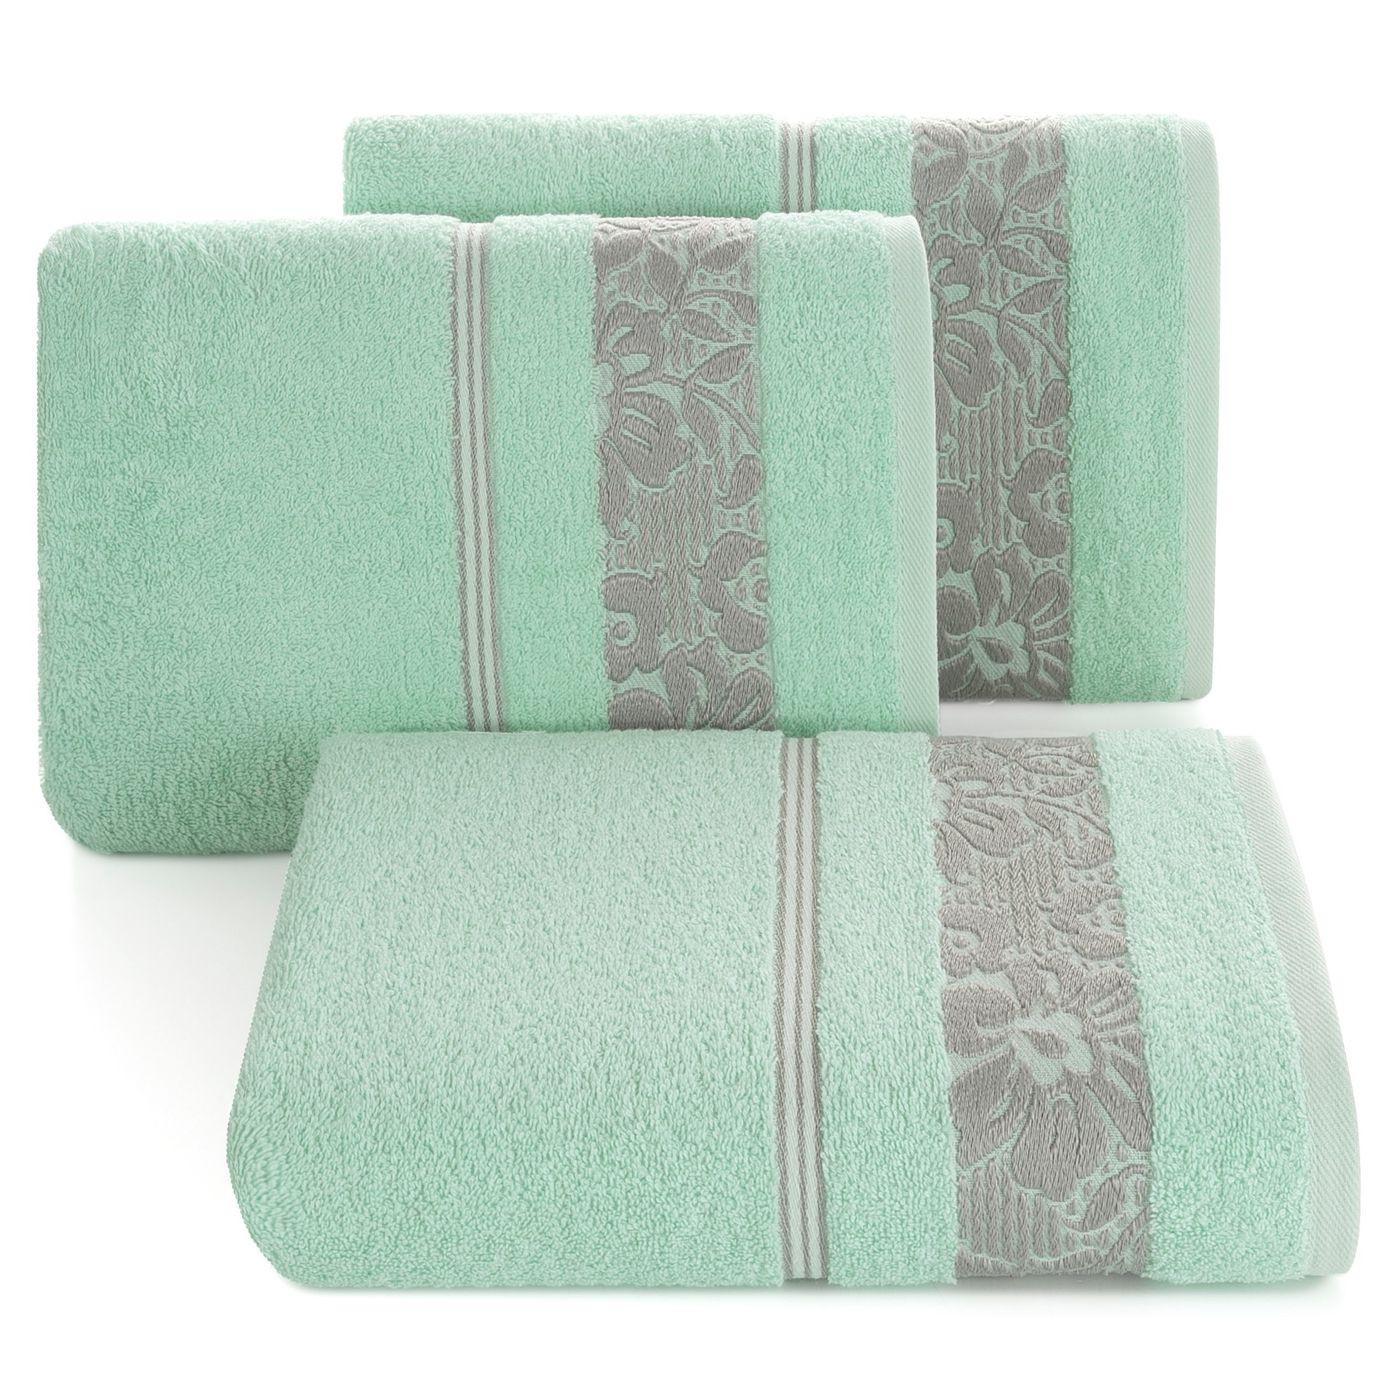 Ręcznik z bawełny z kwiatowym wzorem na bordiurze 50x90cm miętowy